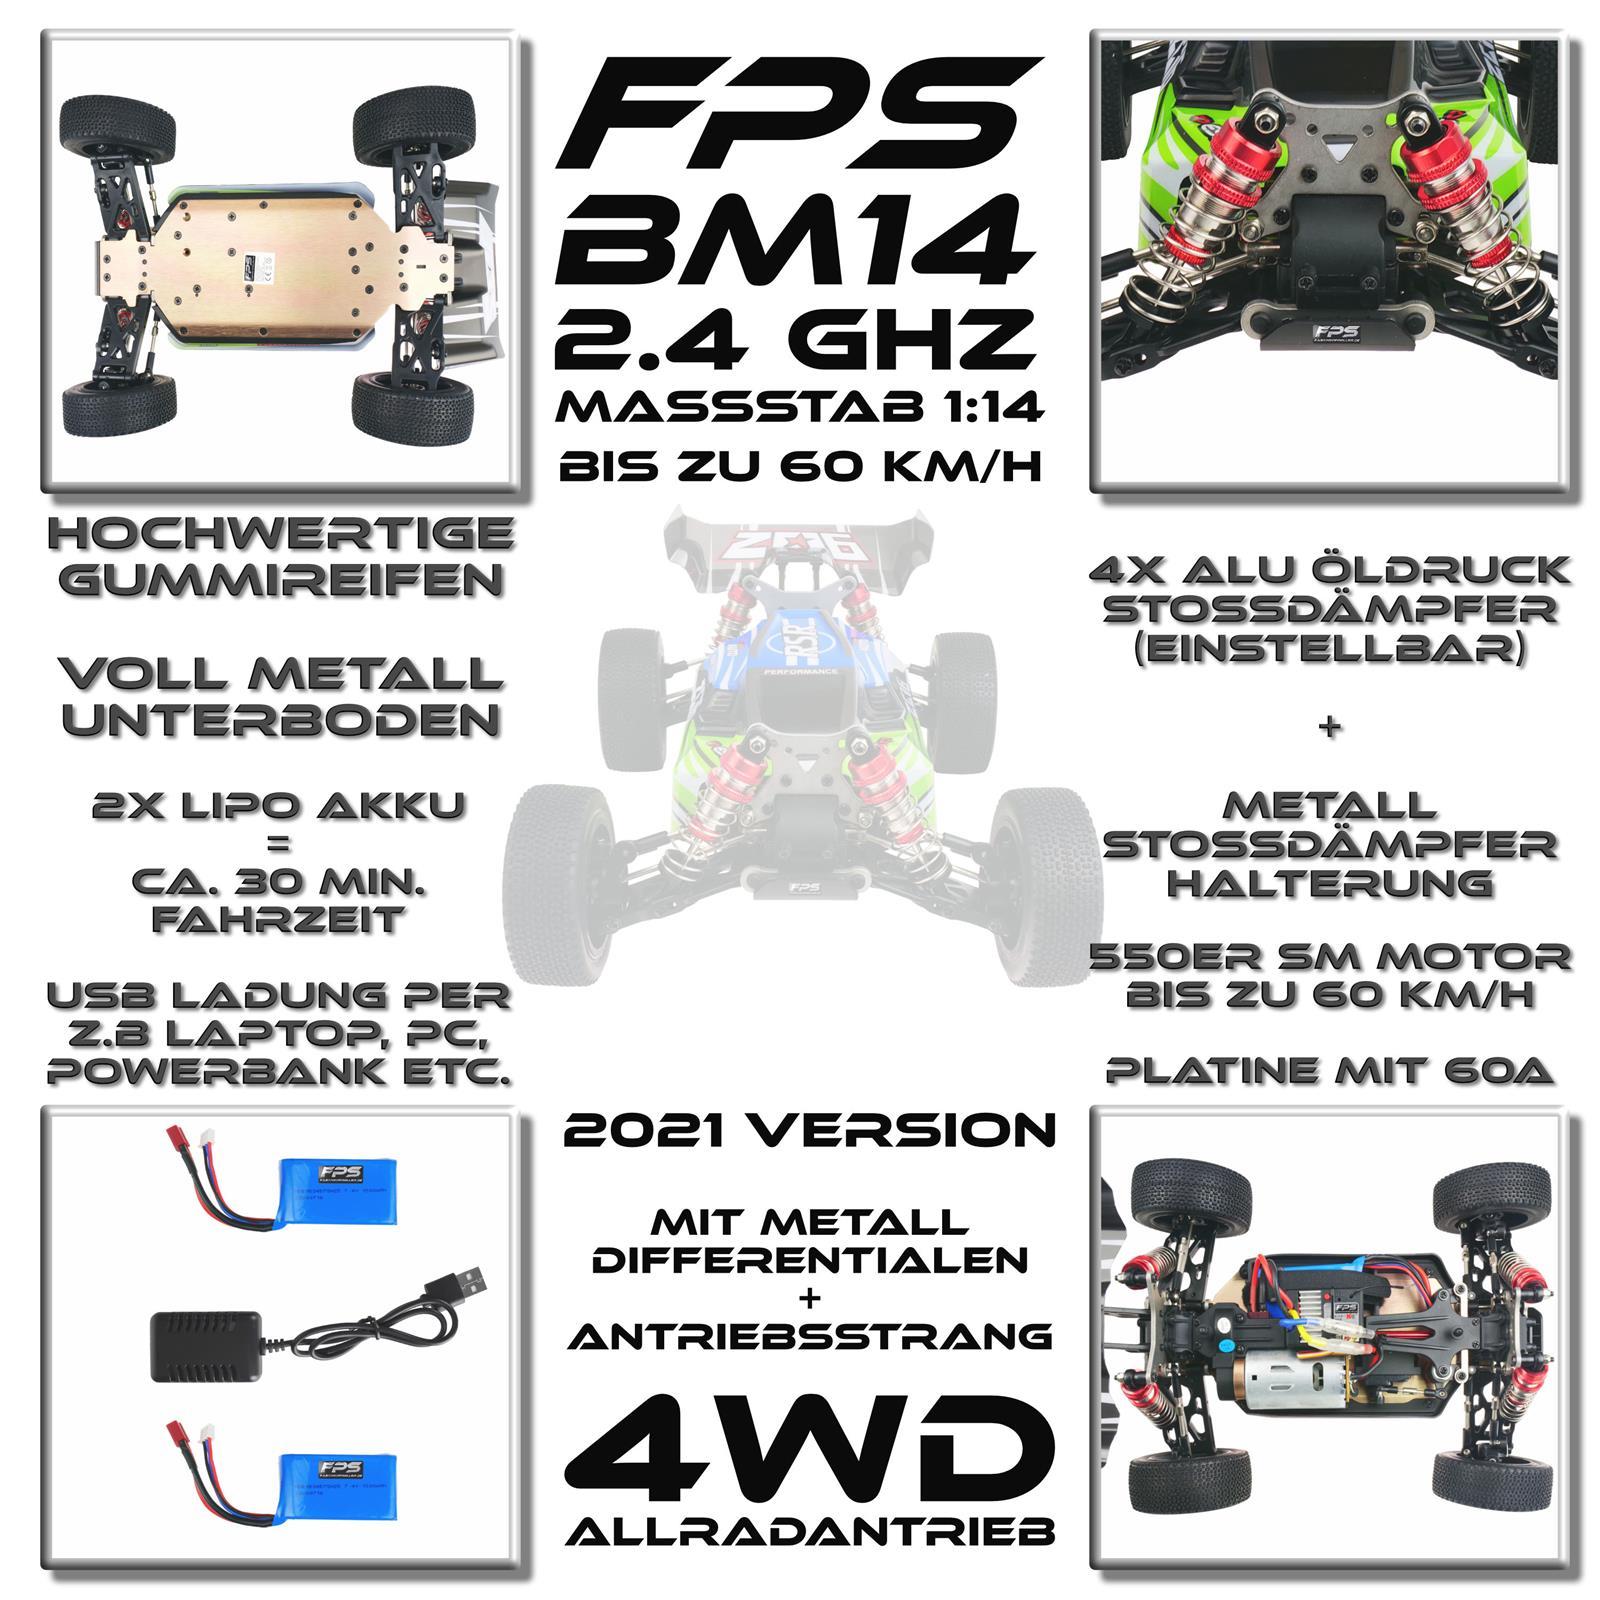 FPS B14MG Highlights